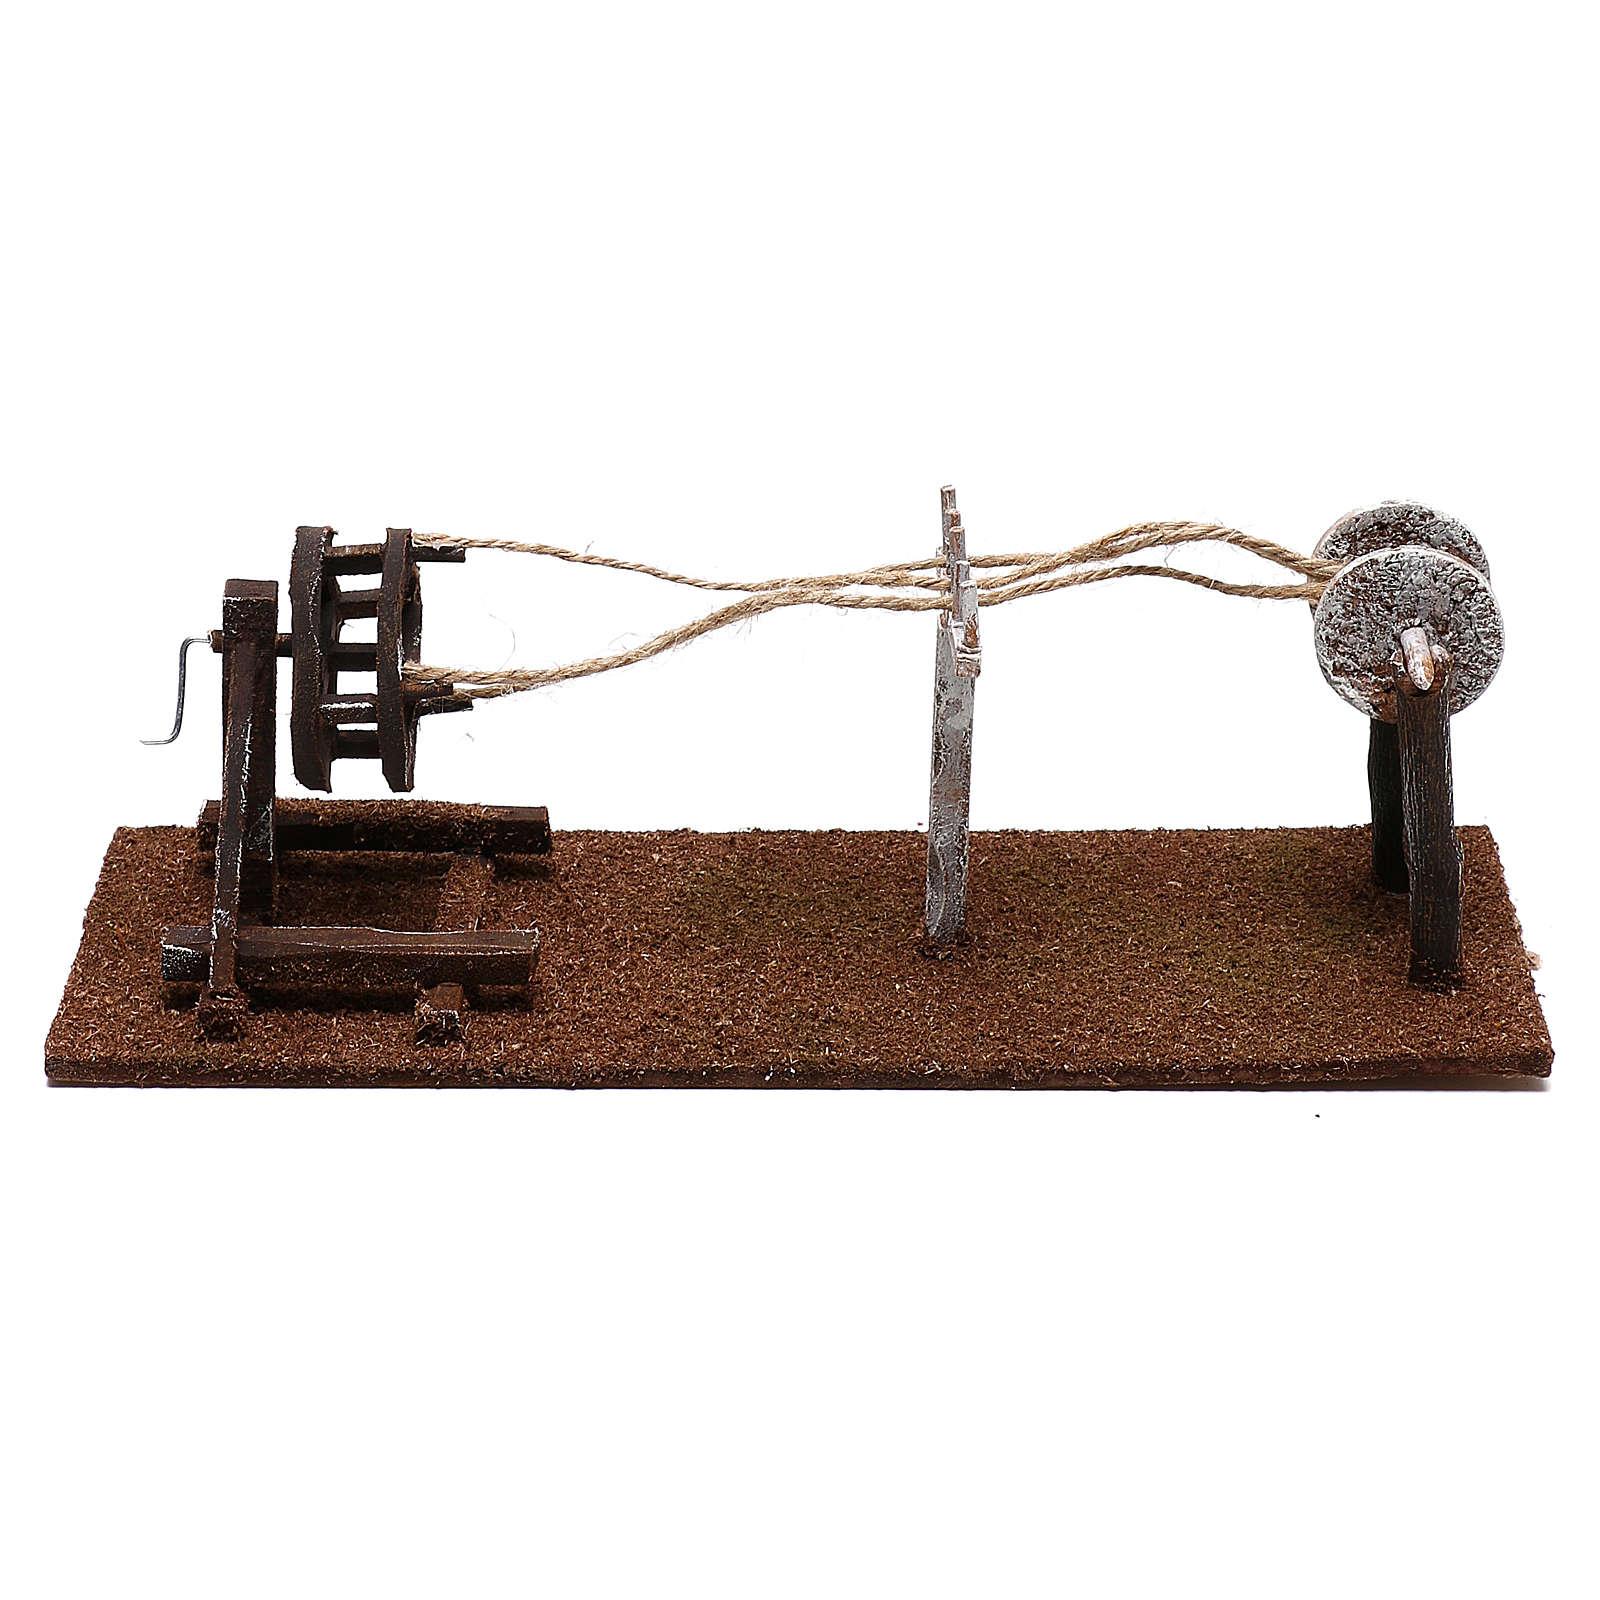 Herramientas cordelero belenes 12 cm hecho con bricolaje 4